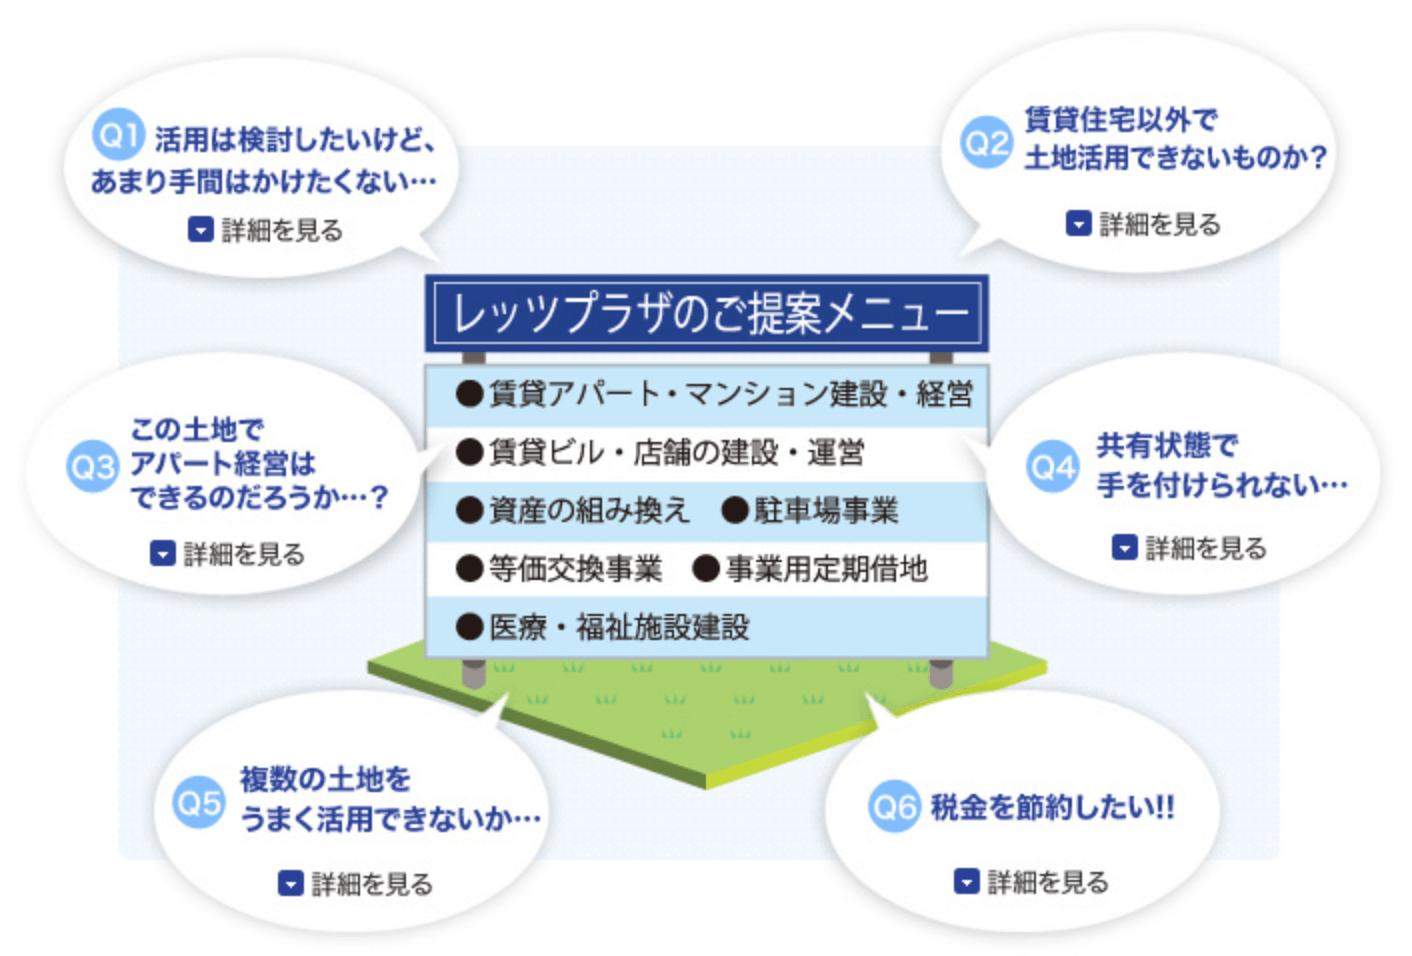 三井不動産「新築・建替・リノベーション・売買等の総合的なワンストップコンサルティング」